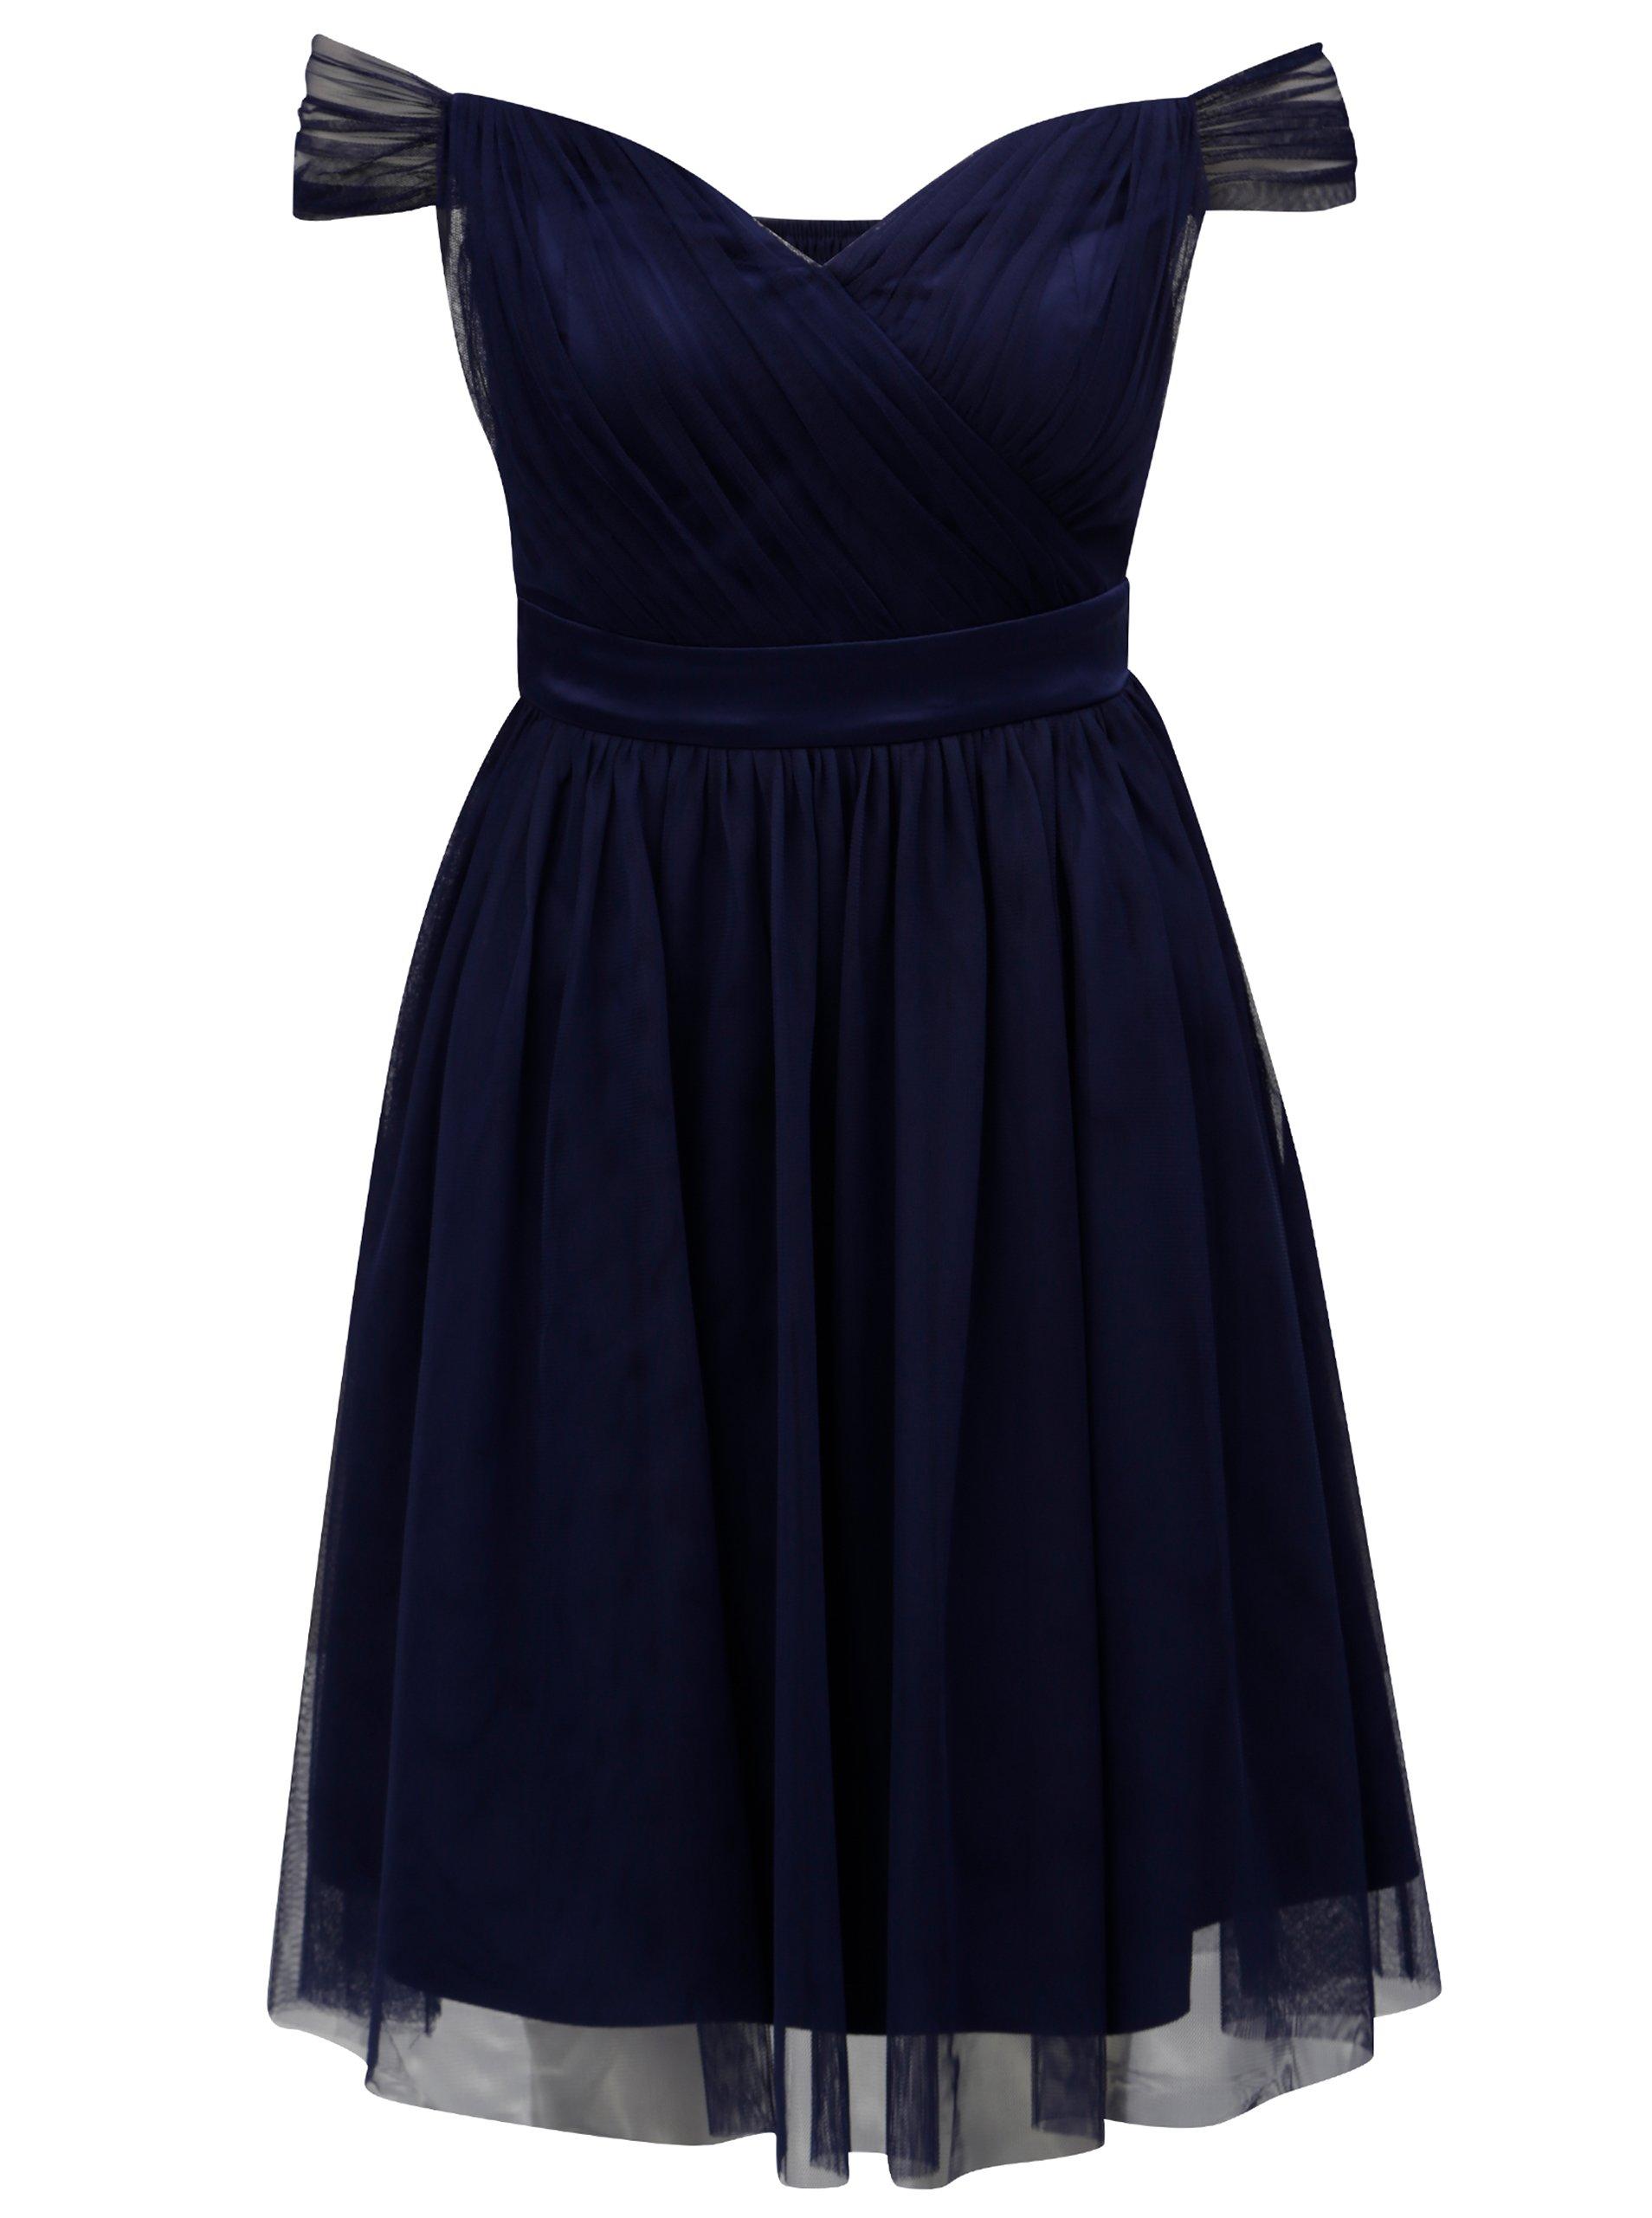 Tmavomodré tylové šaty s odhalenými ramenami Dorothy Perkins  f1048a372fa